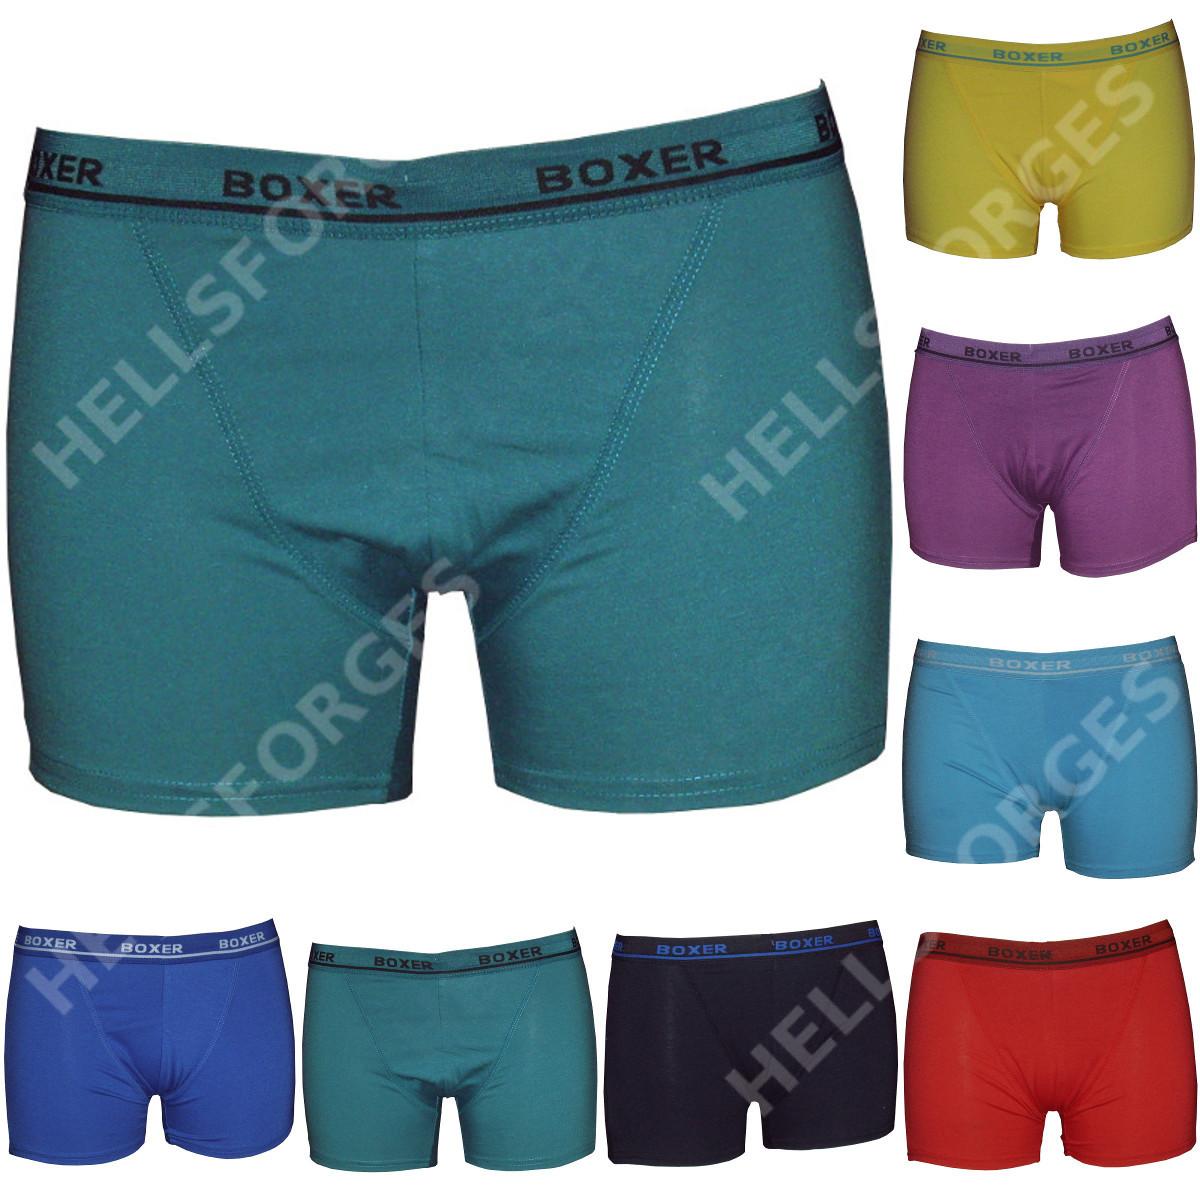 lot pack boxer homme coton m l xl xxlmen shirt pas cher no ck ebay. Black Bedroom Furniture Sets. Home Design Ideas